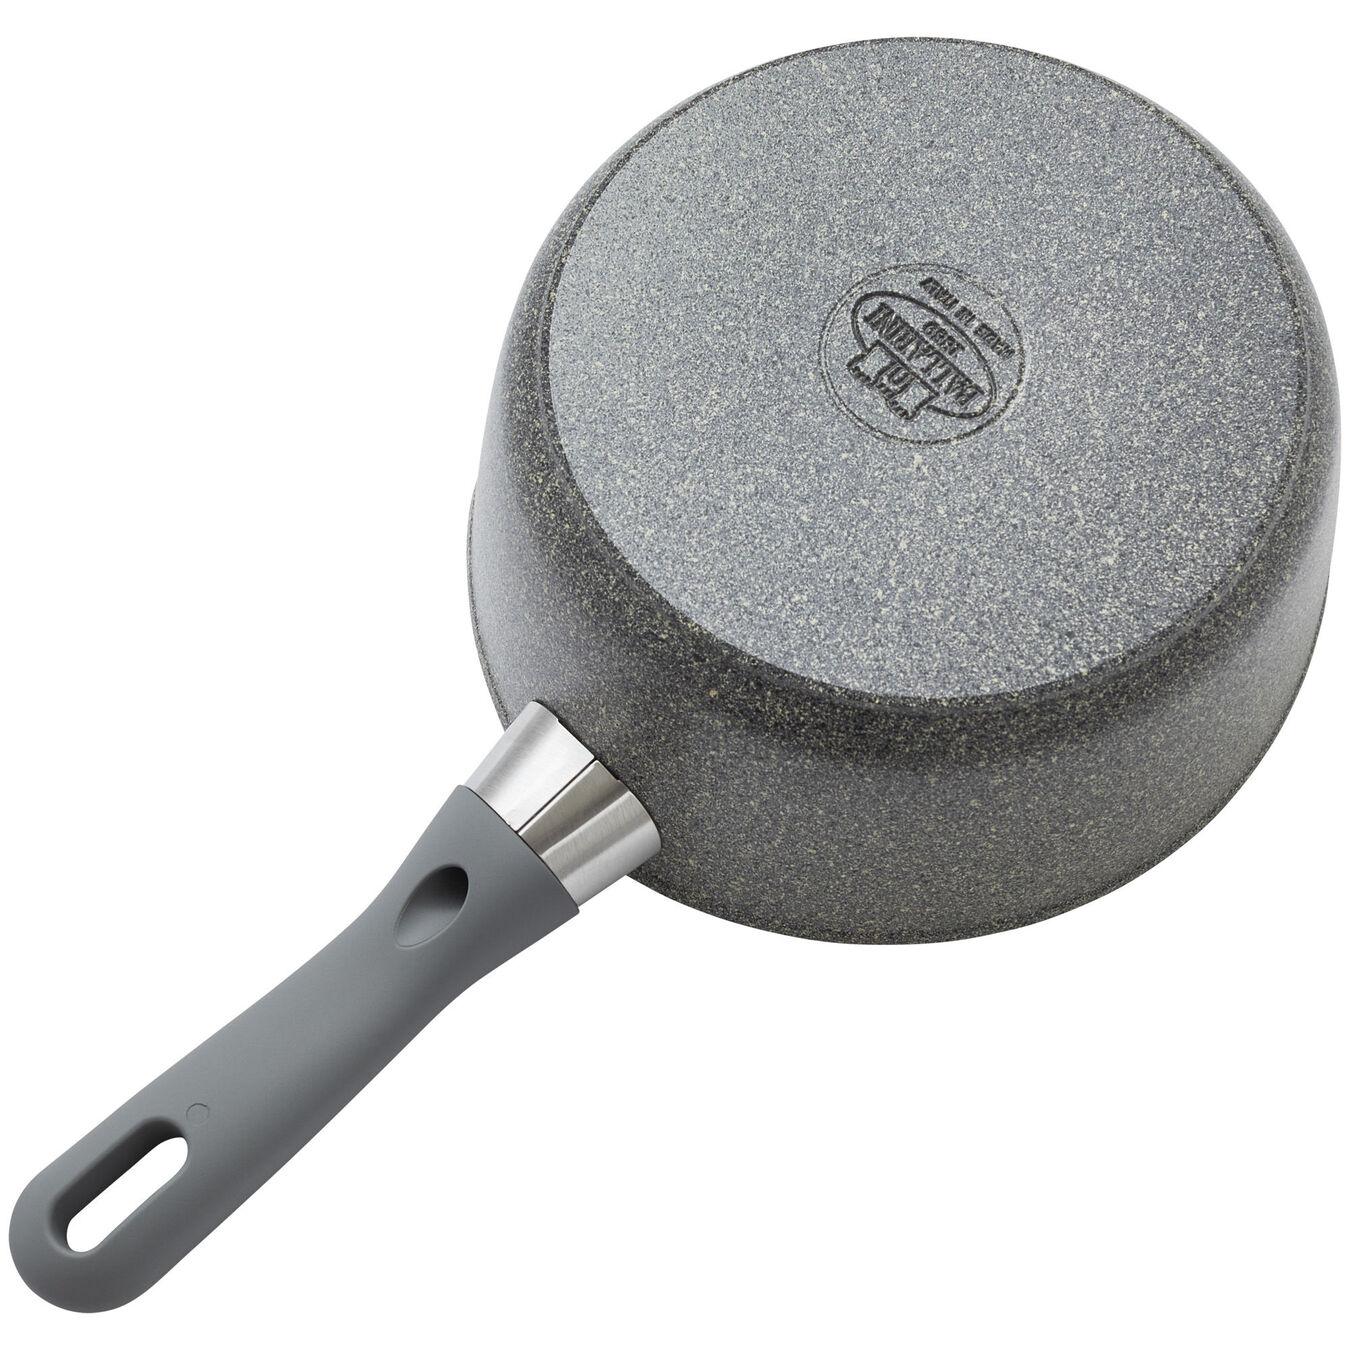 2.75 qt Nonstick Saucepan with Lid, aluminium ,,large 3